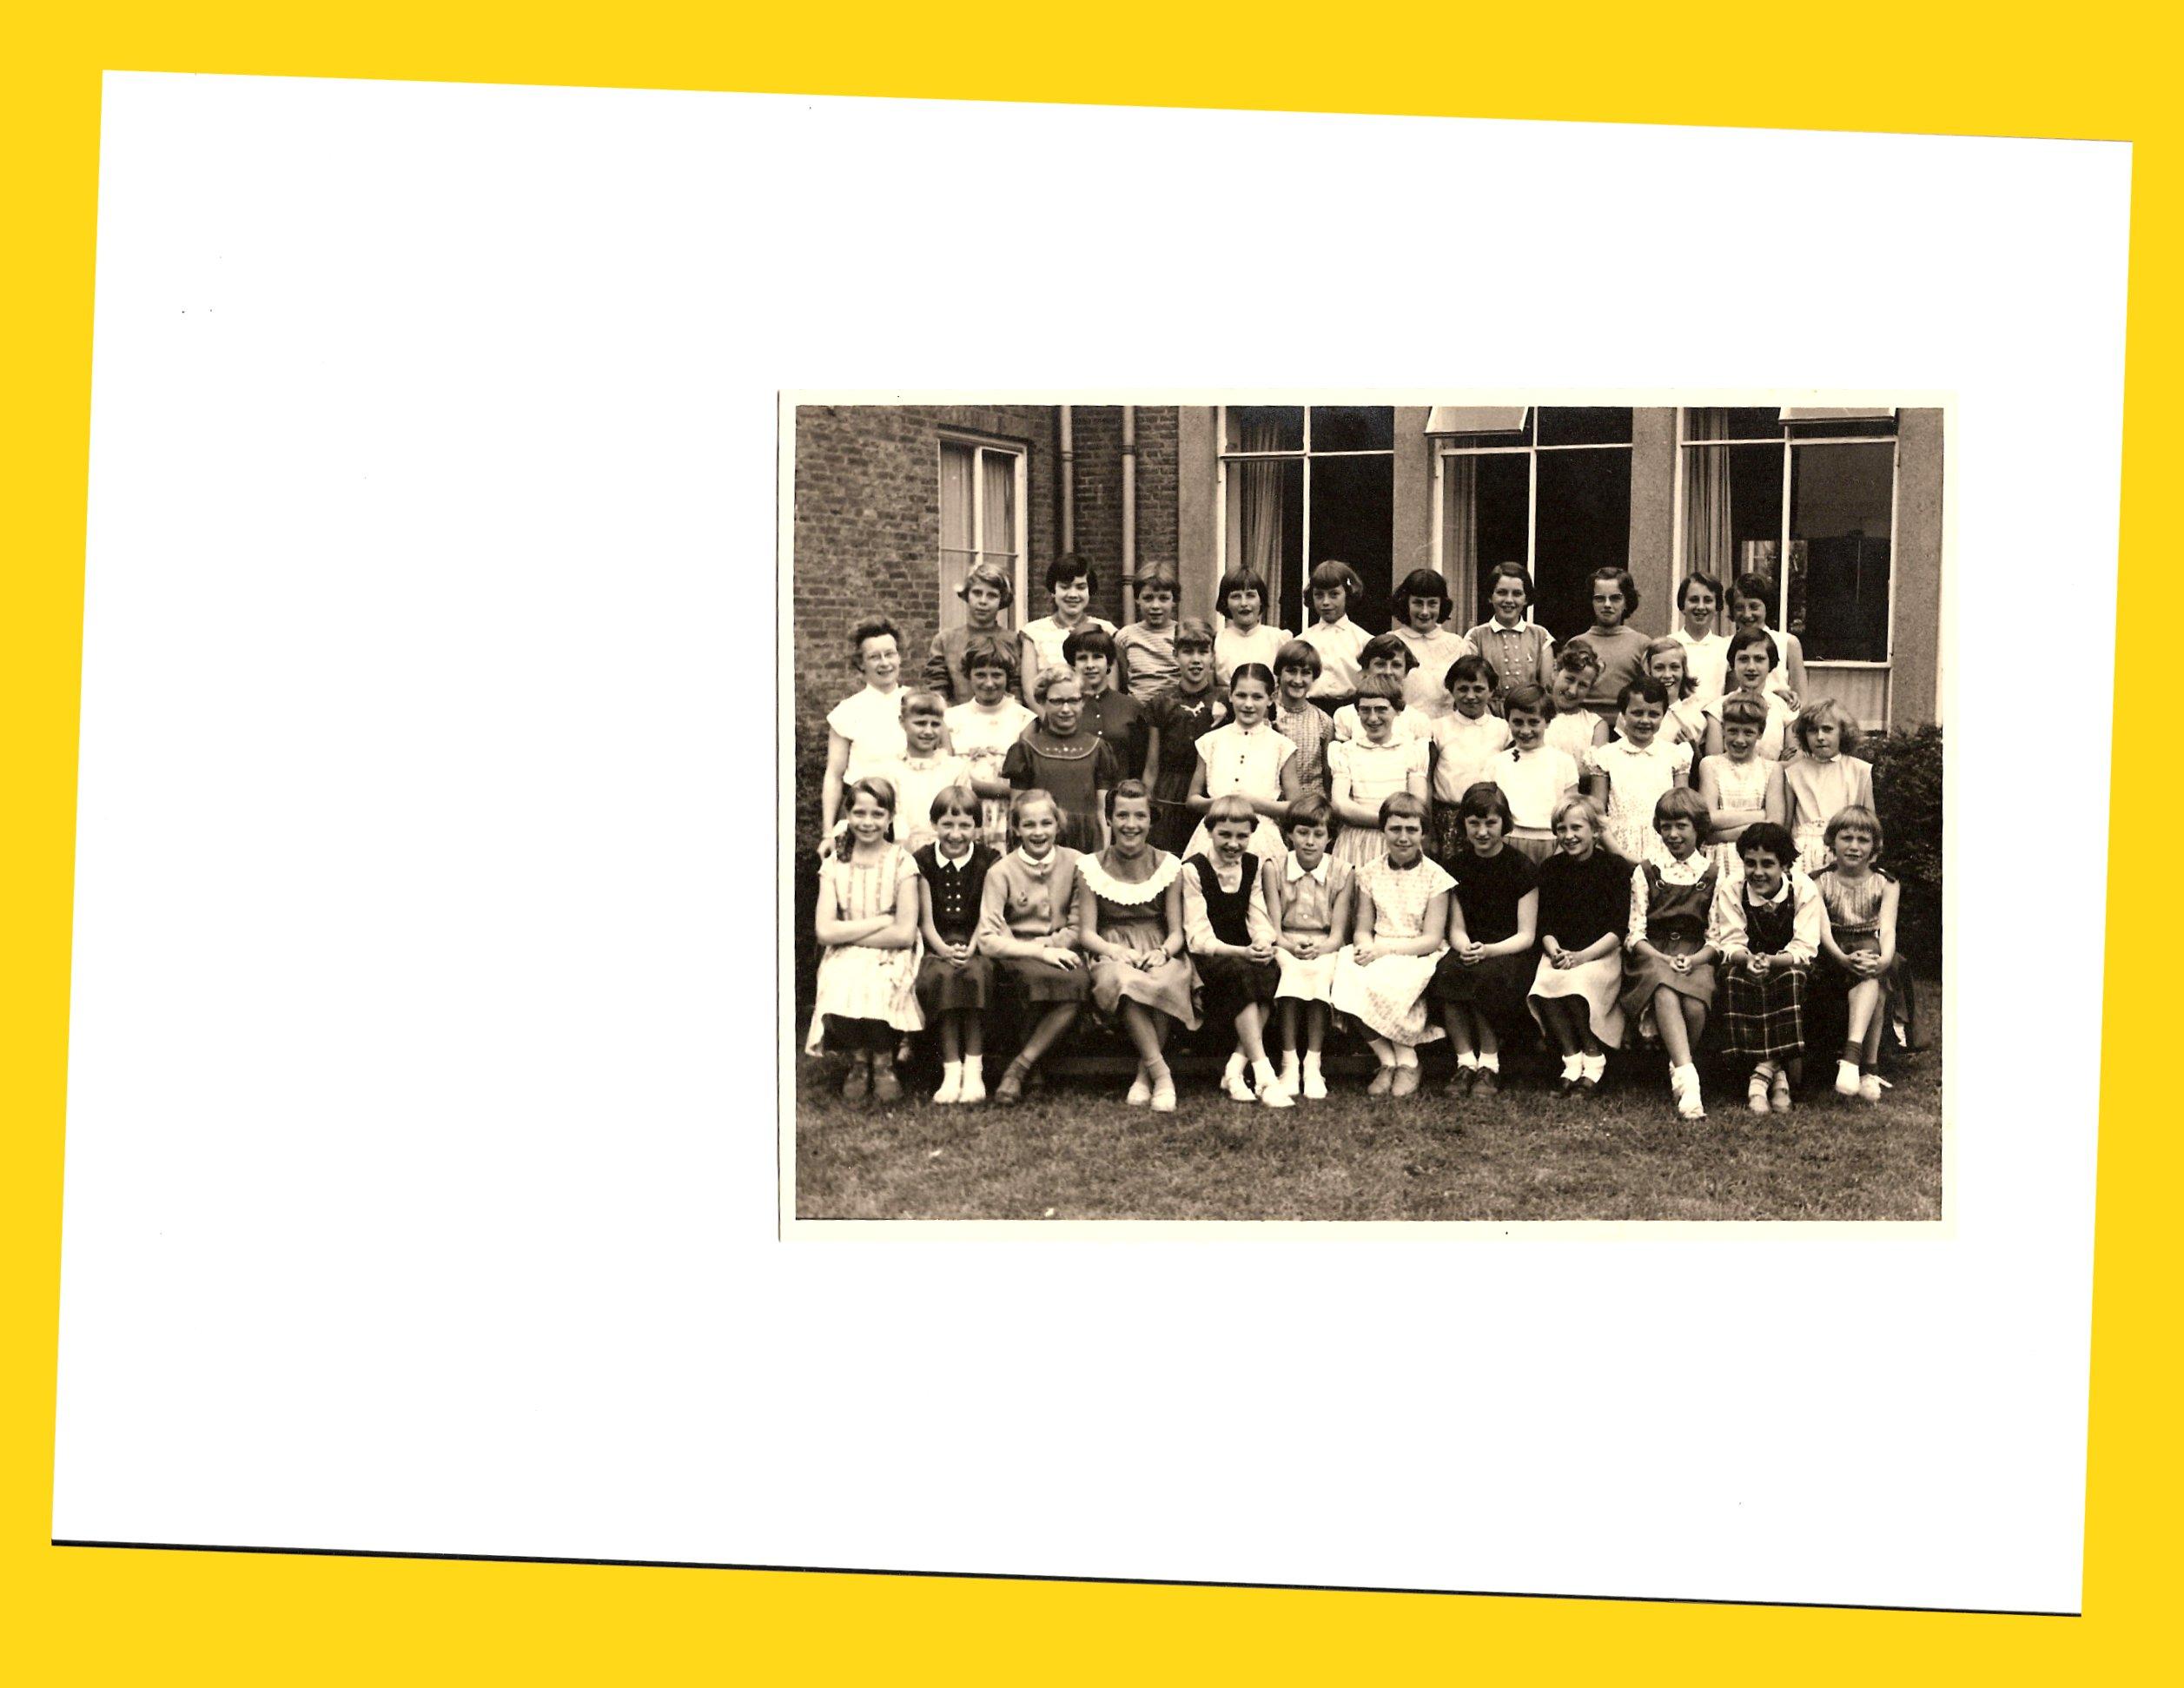 R.K. Meisjesschool St. Emma foto